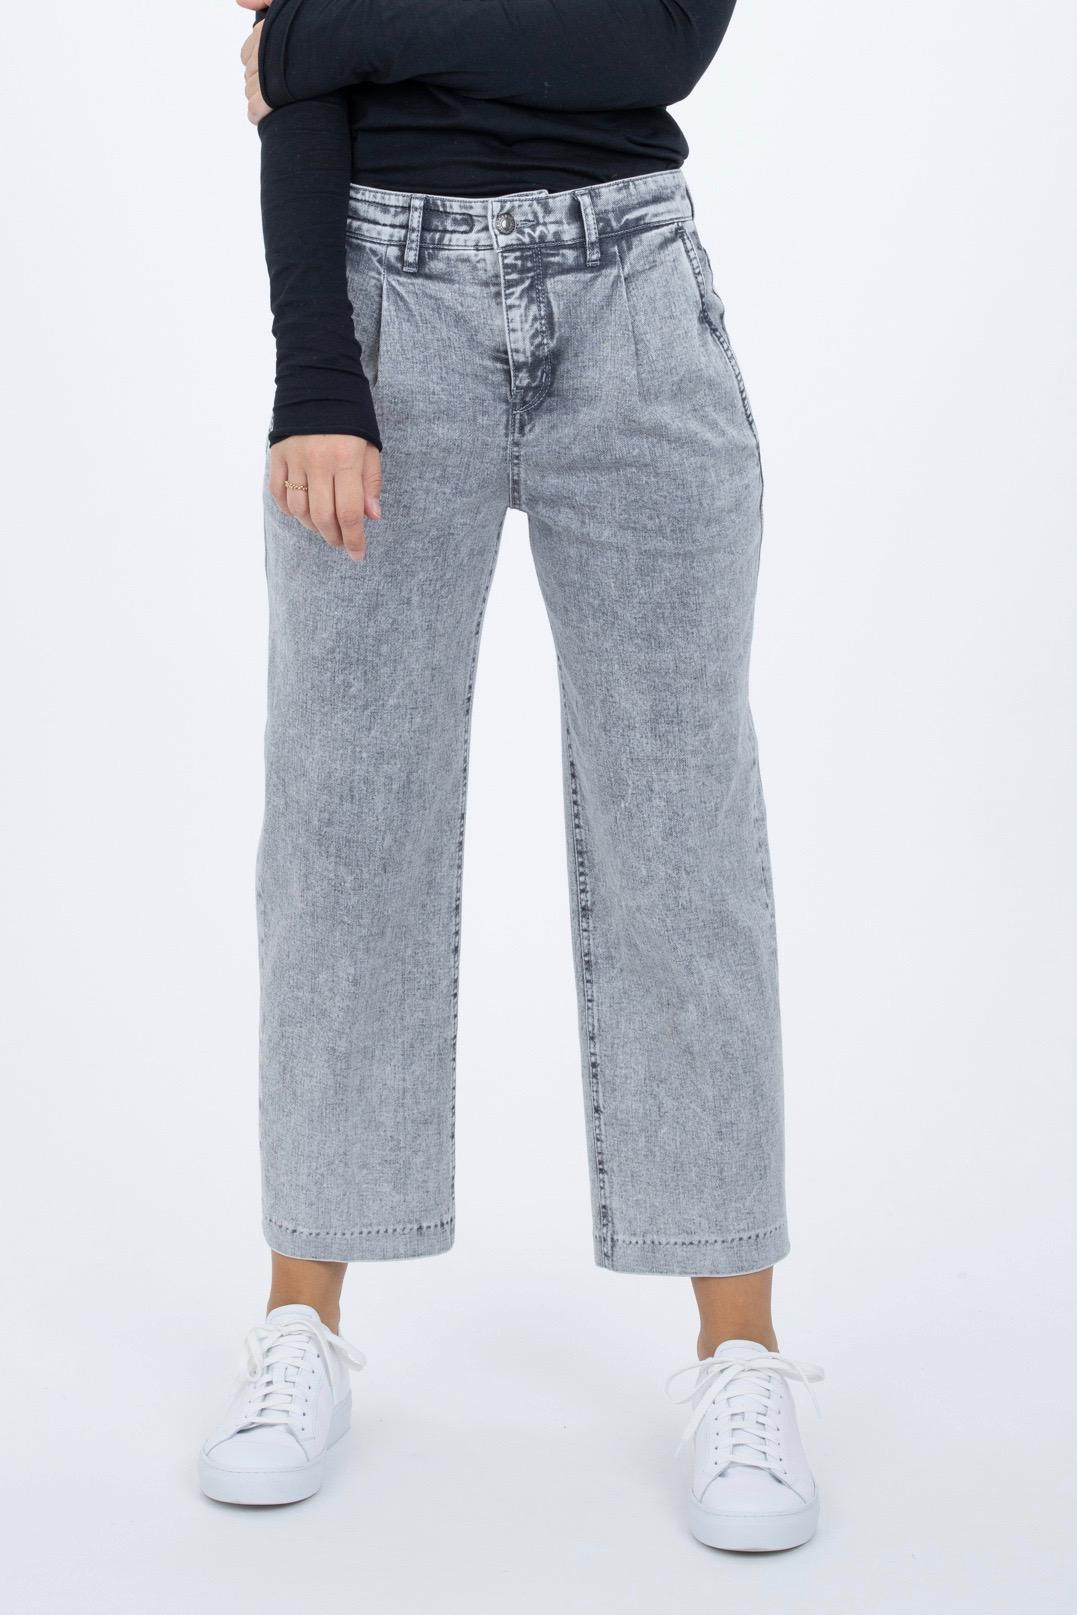 Jeans Doubt